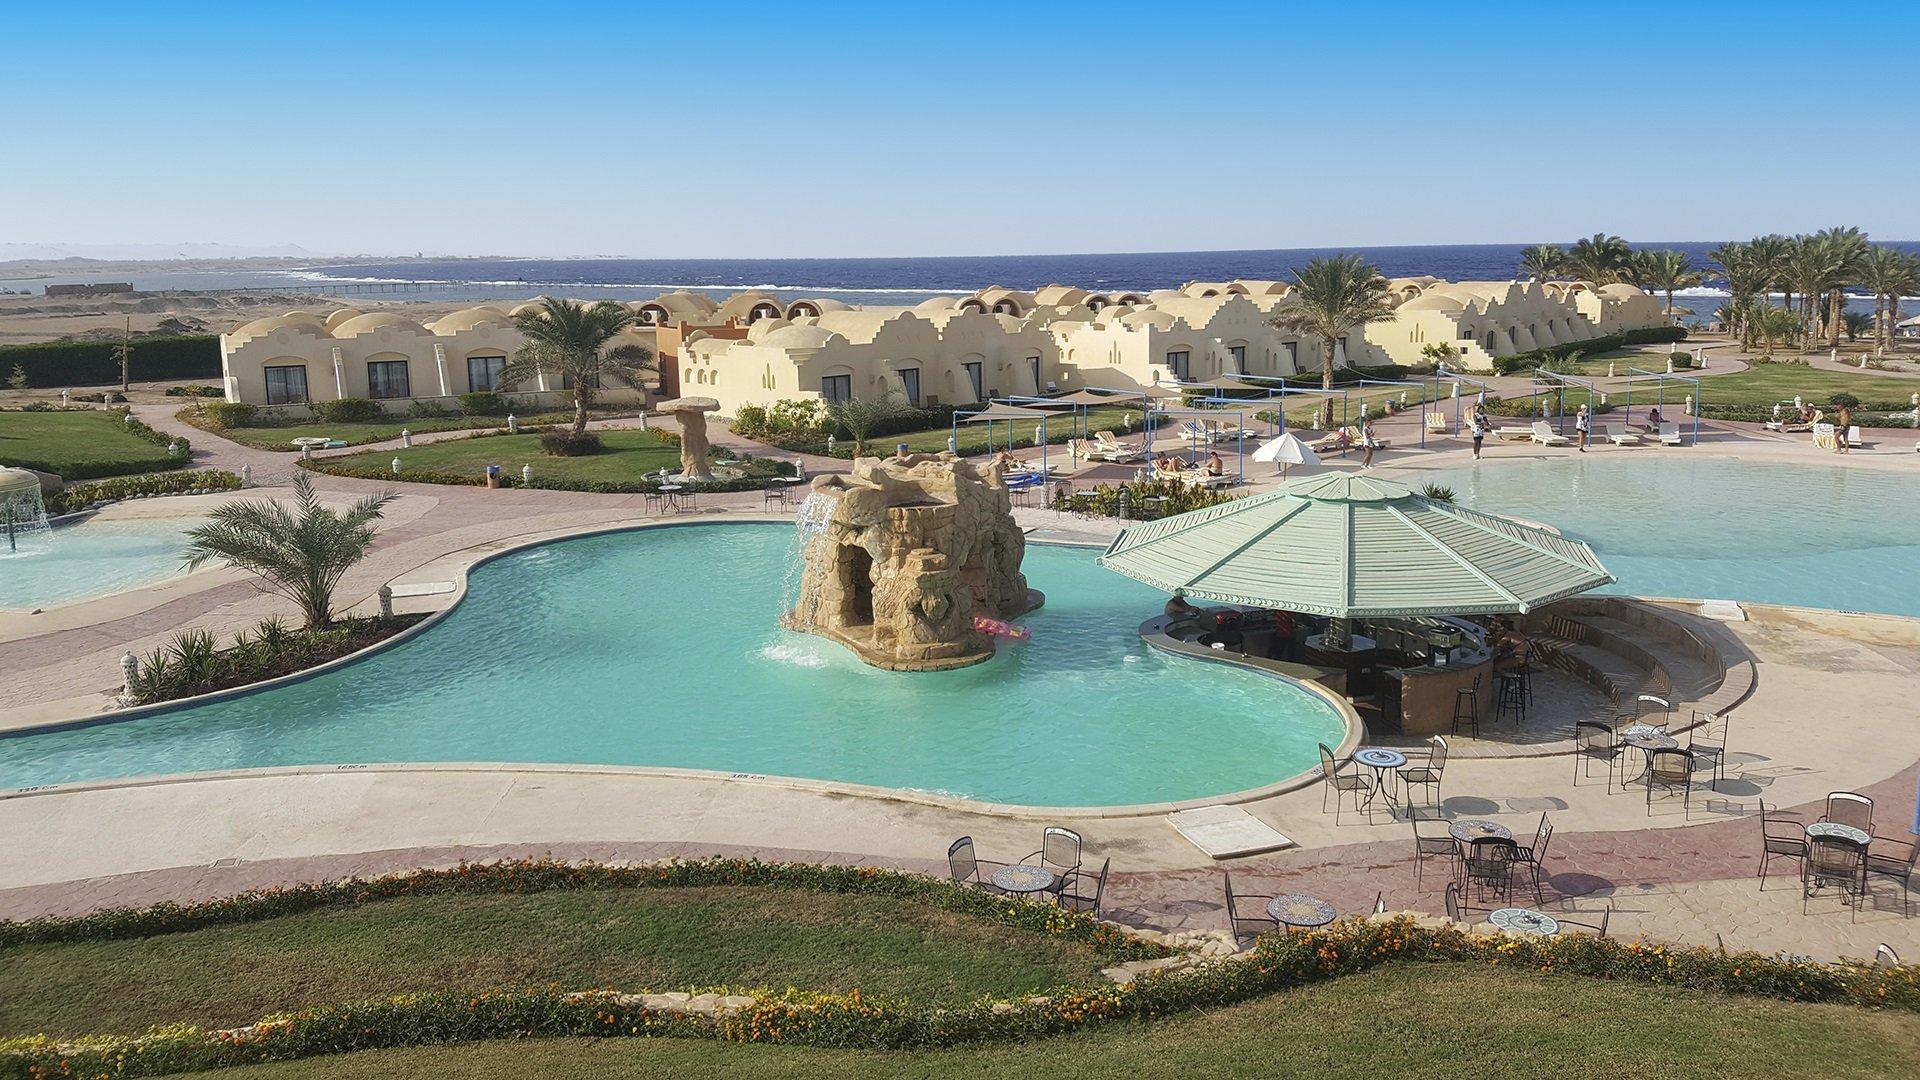 Hotel Onatti Beach Resort